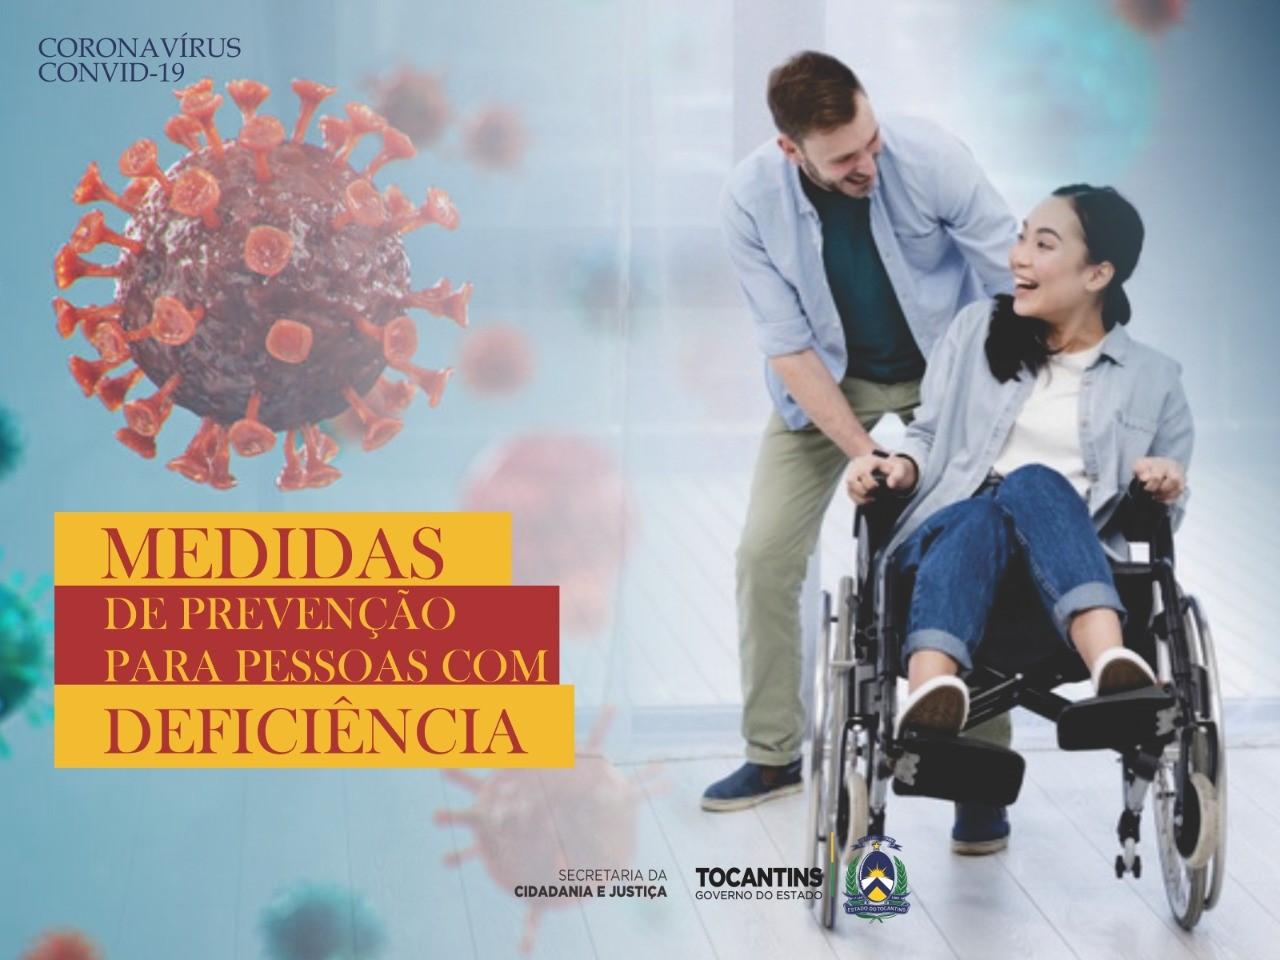 Conselho Estadual de Defesa dos Direitos da Pessoa com Deficiência divulgou recomendações sobre a prevenção à Covid-19